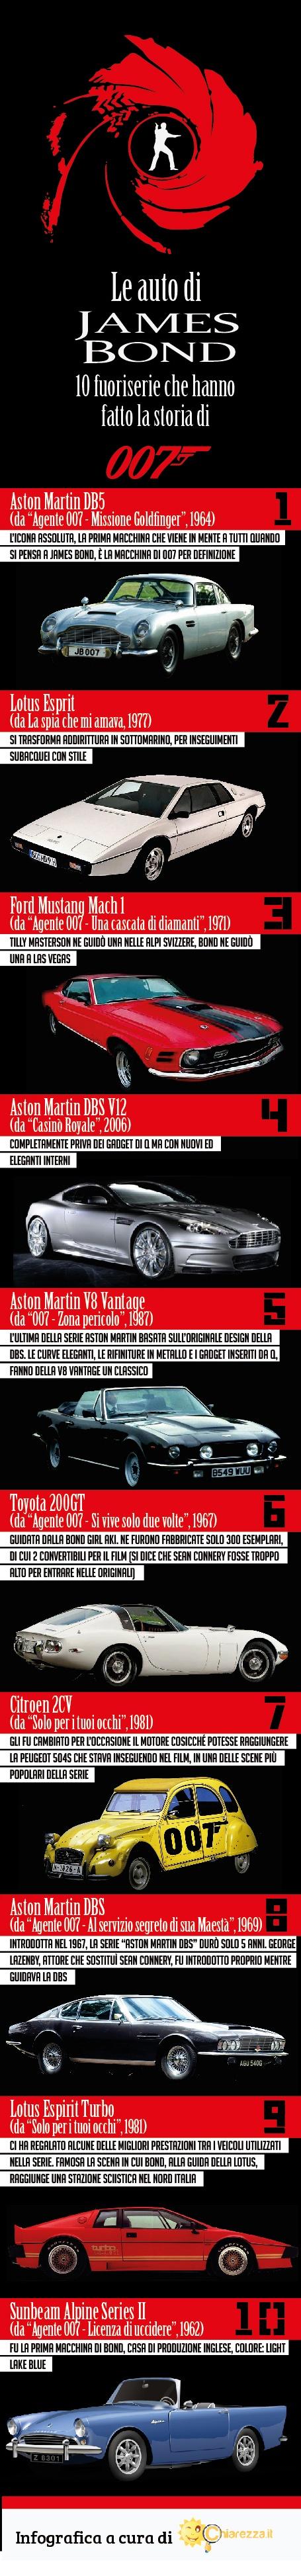 Le 10 auto che hanno fatto la storia di James Bond. In attesa di scoprire la nuova fuoriserie di #Skyfall. #JamesBond #007